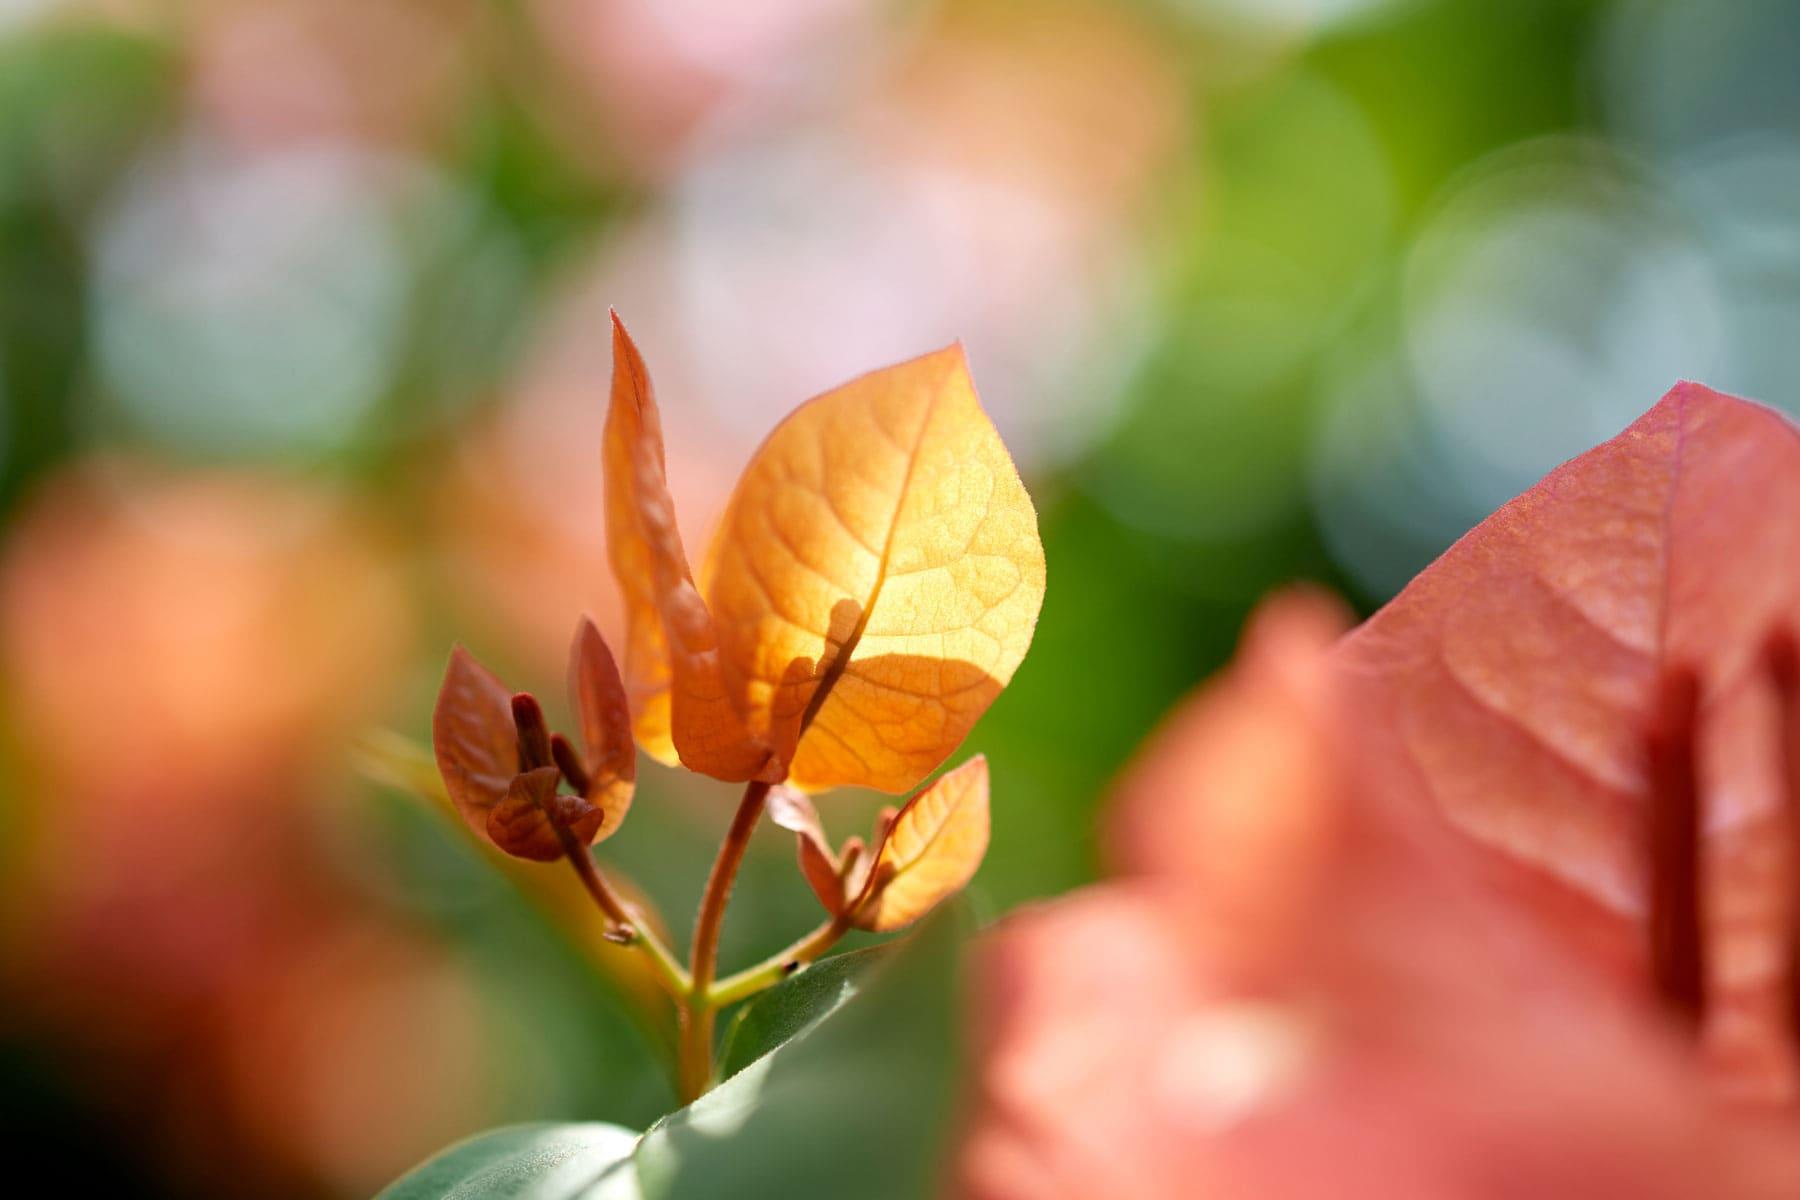 Bild eines goldgelben Blattes im sonnigen Gegenlicht